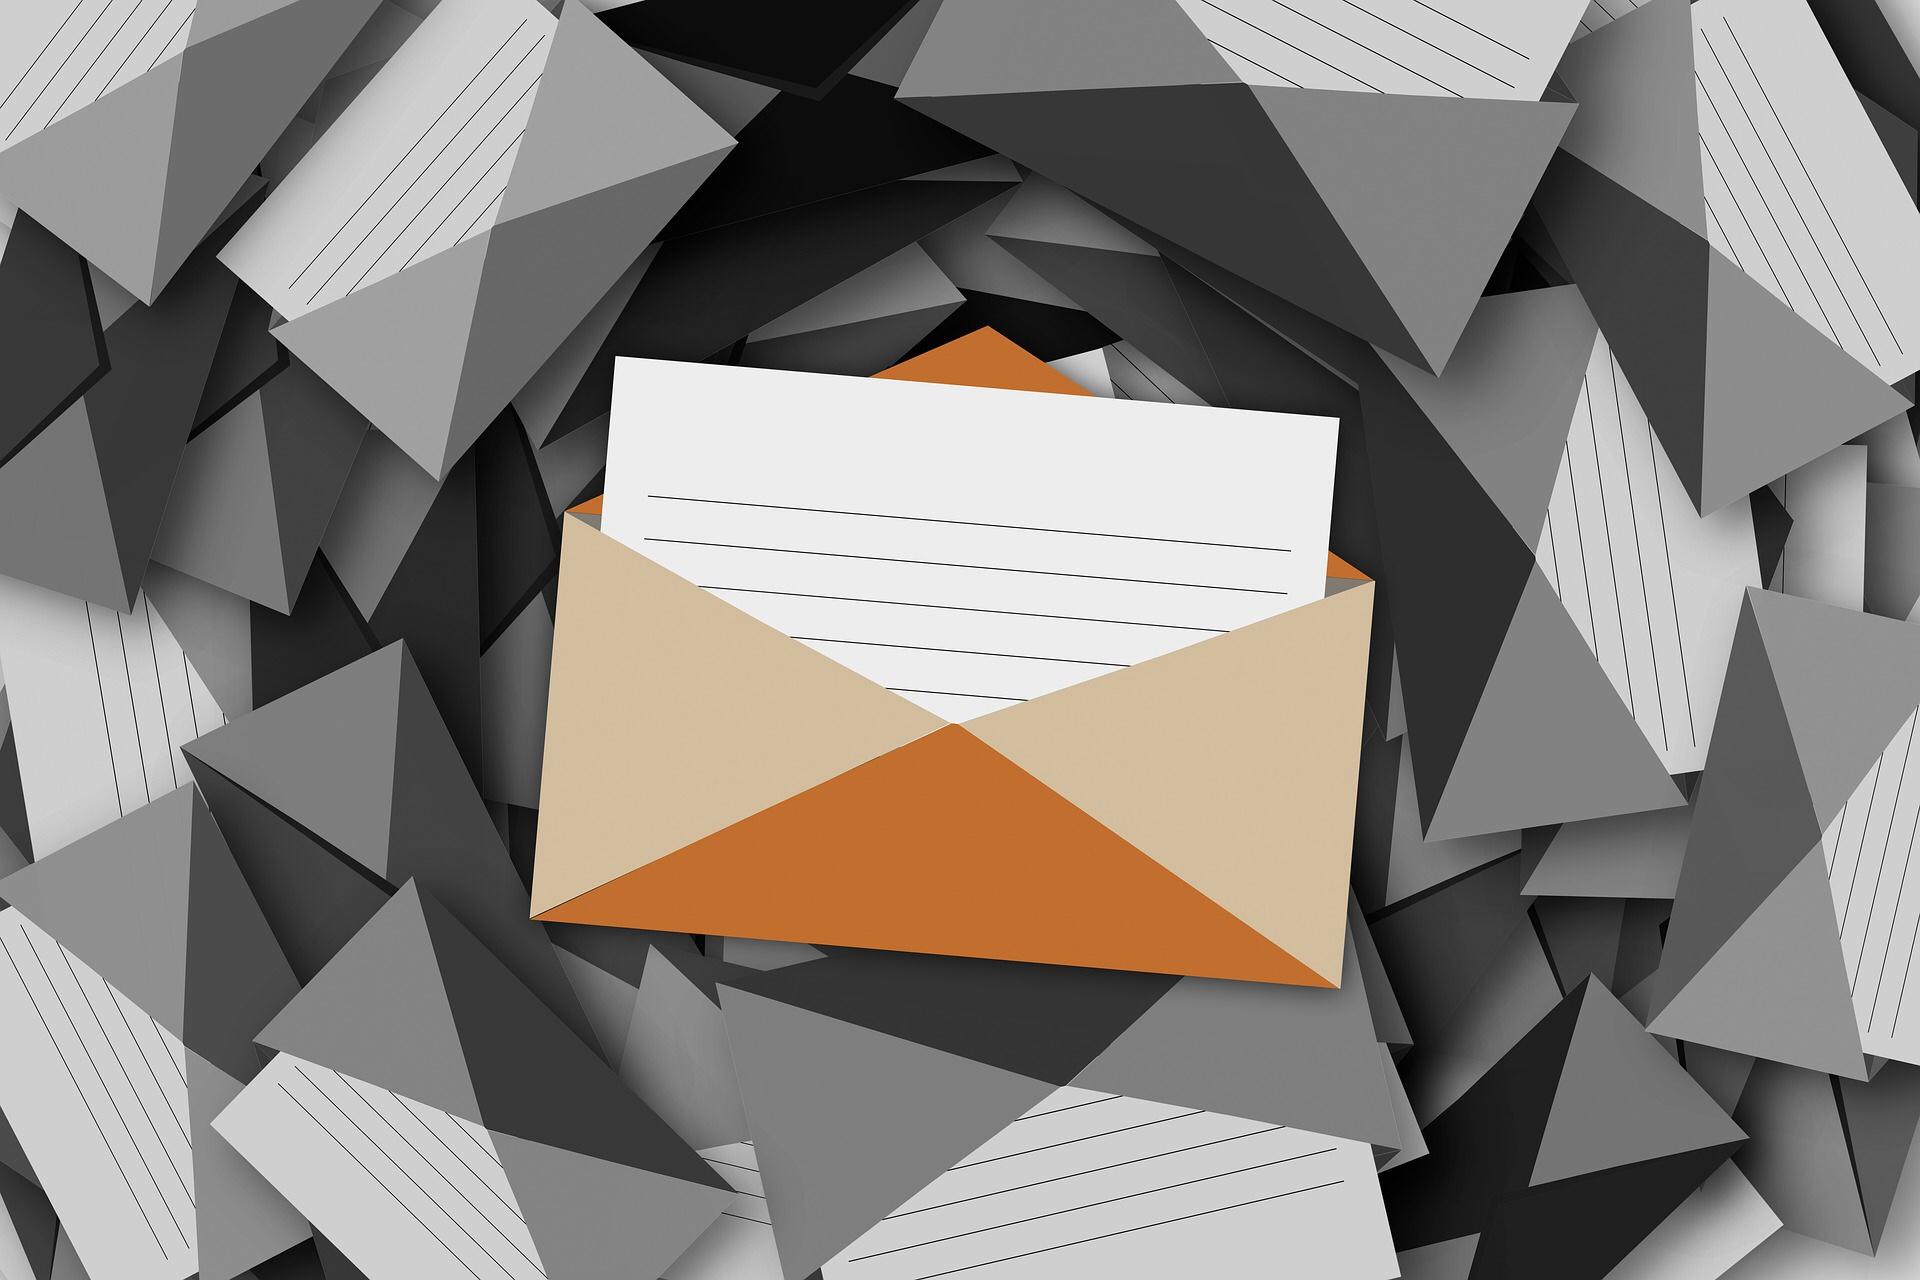 Anleitung - Outlook 2003, 2007 IMAP Mails löschen